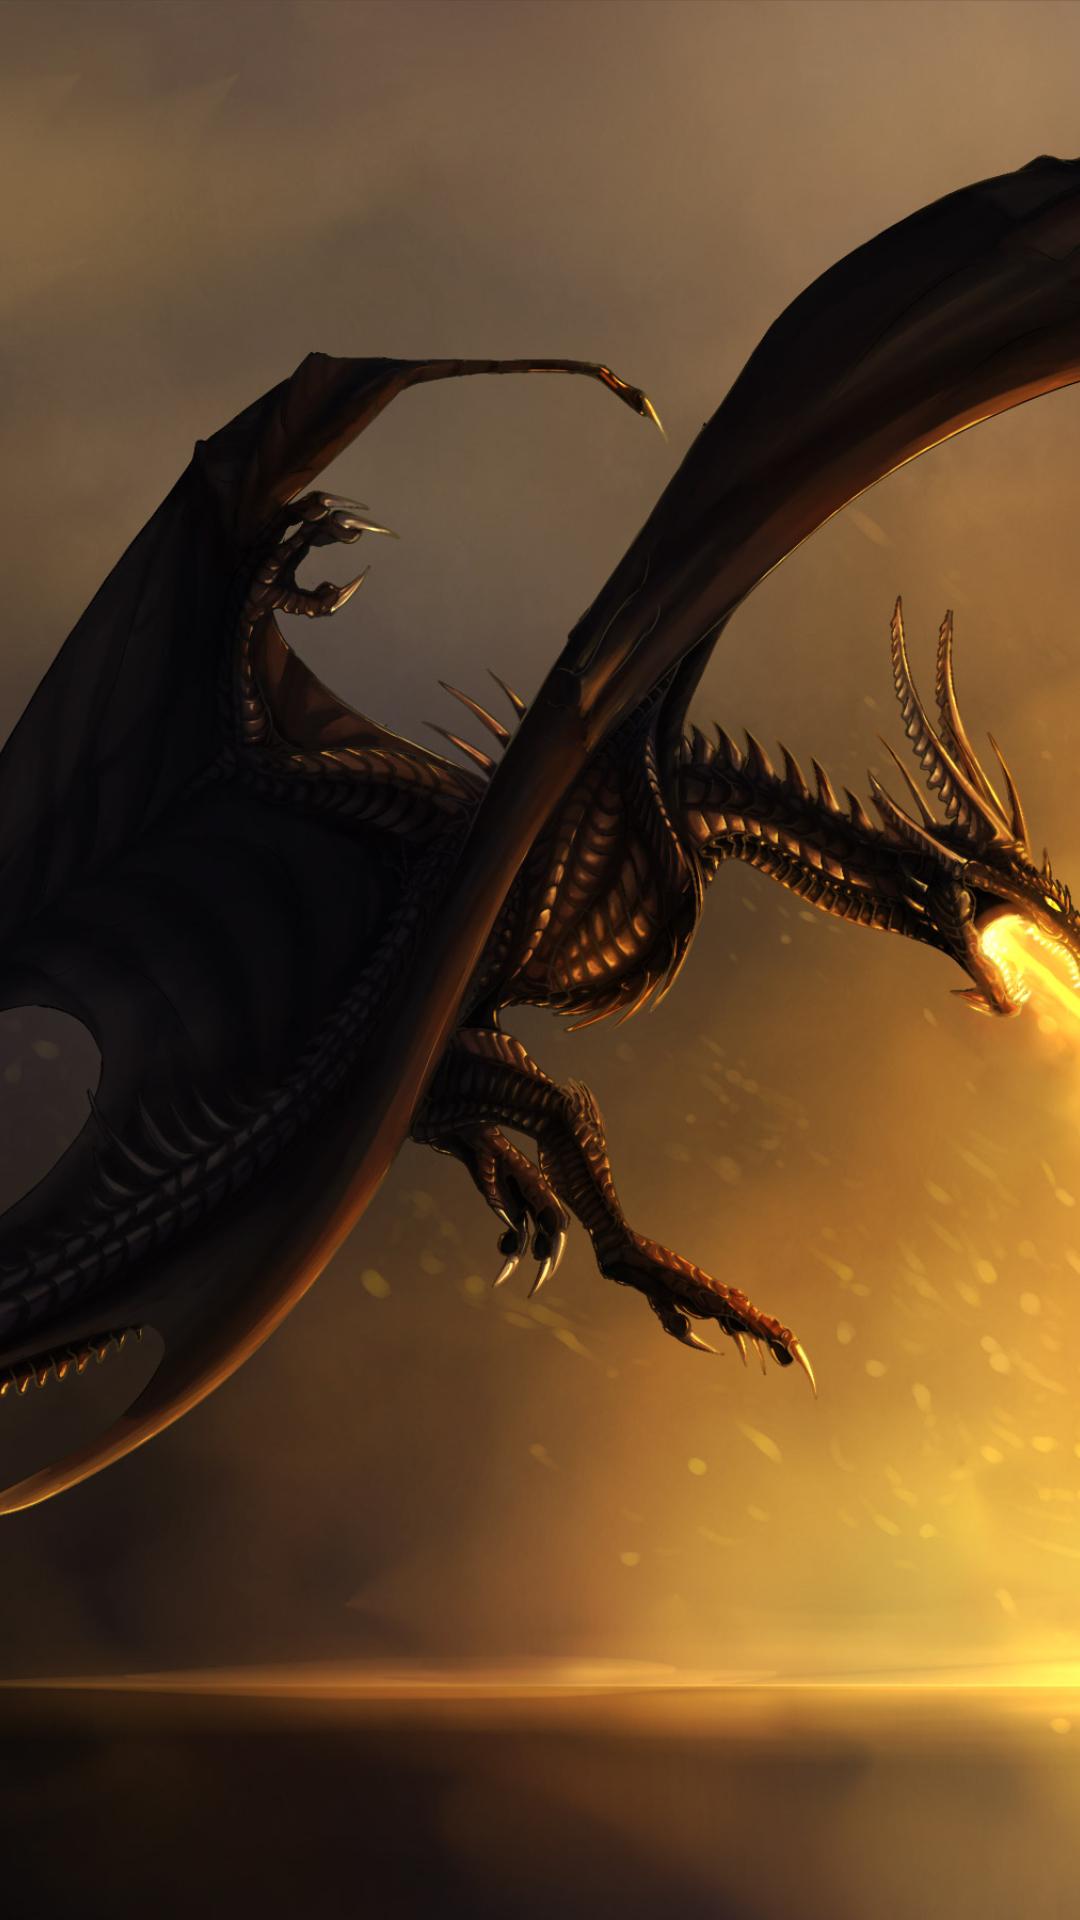 Dragons Burning Series